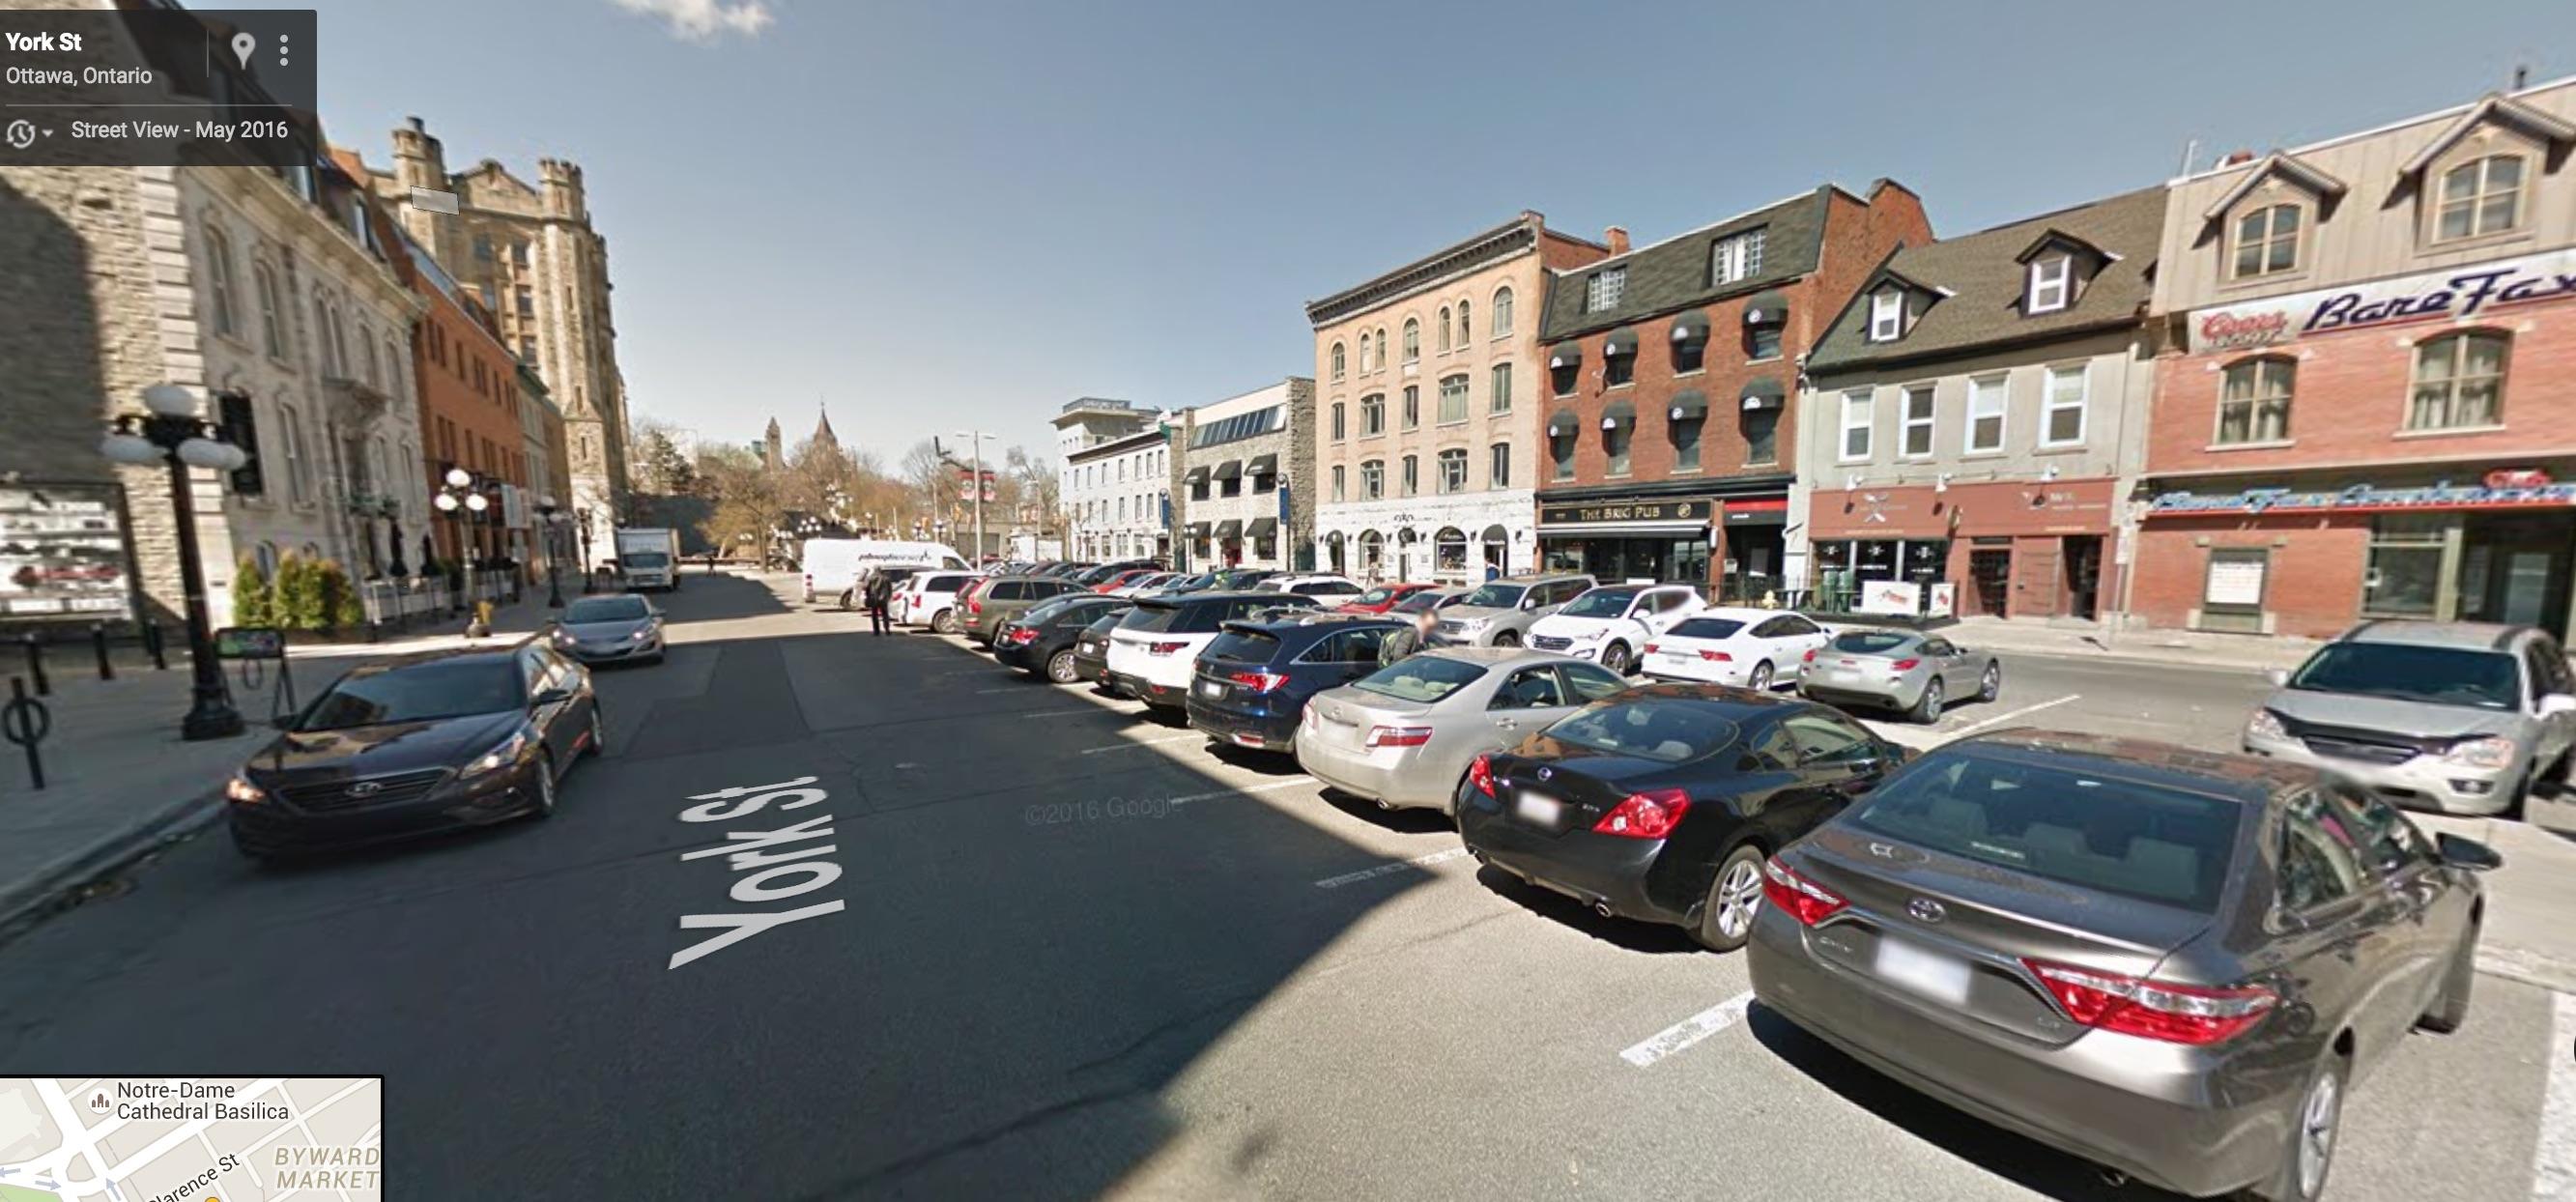 York St Ottawa